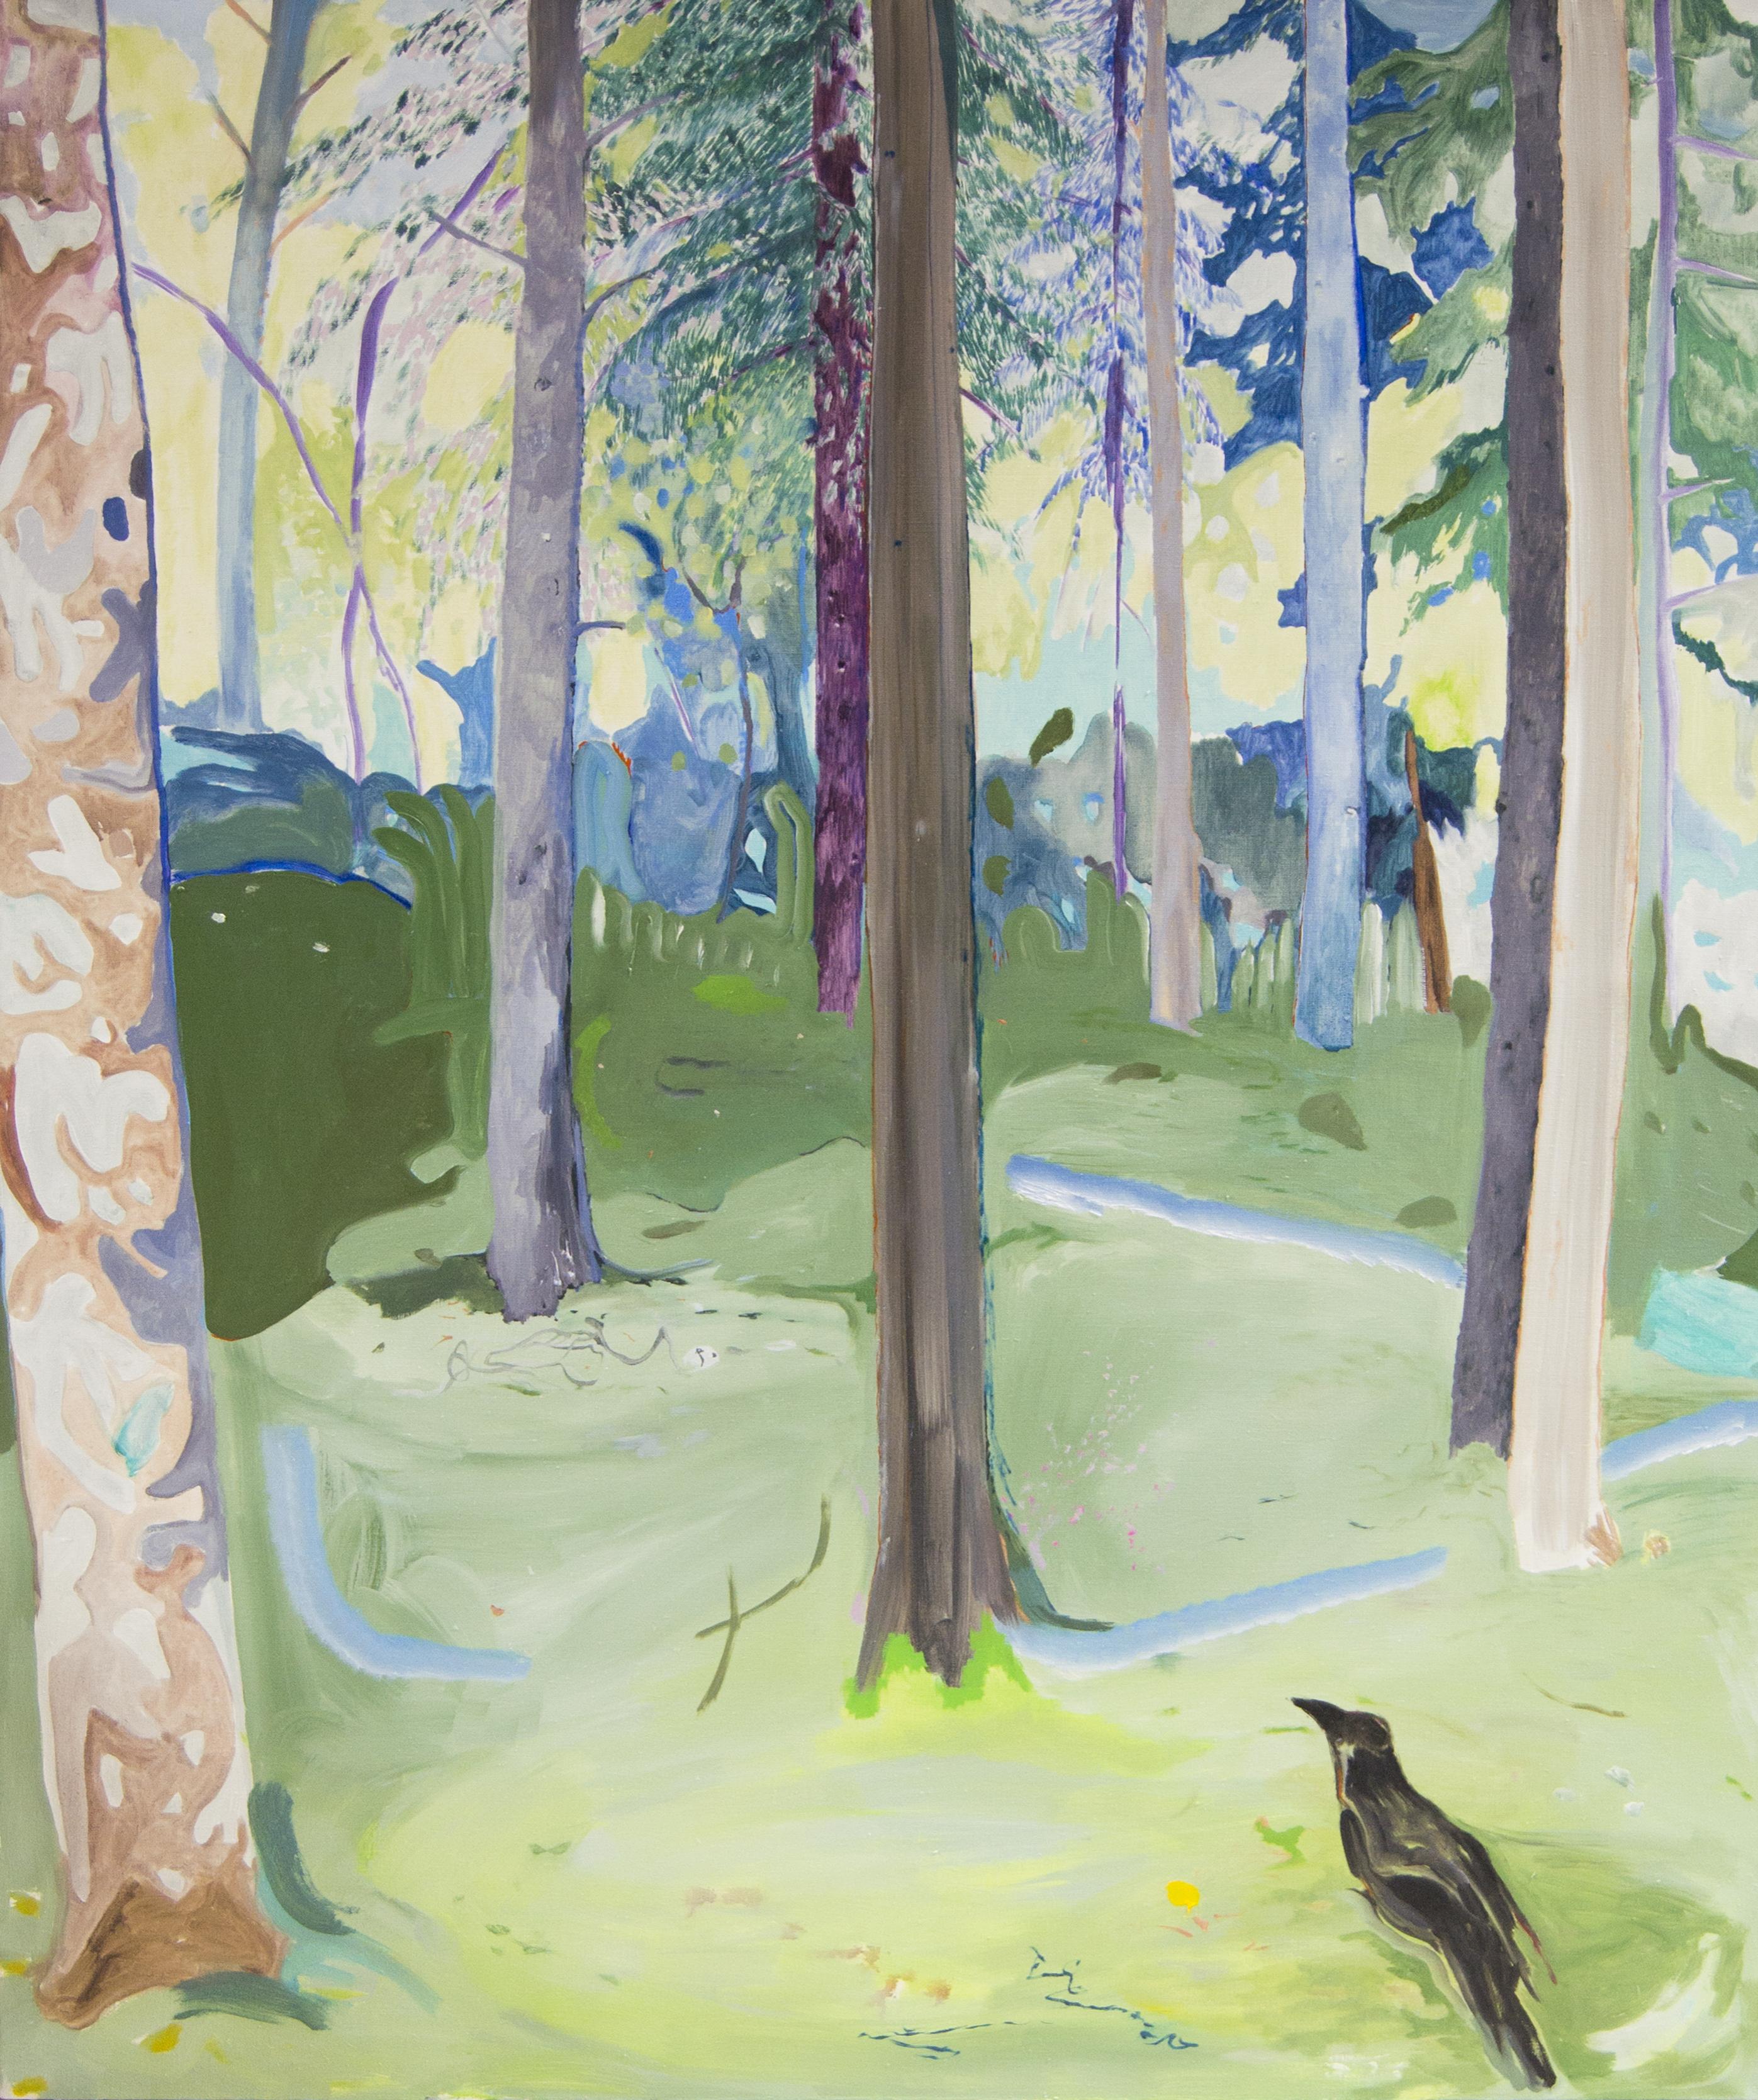 Vera Portatadino, 2017, Nevermore, oil on linen, 120 x 100 cm